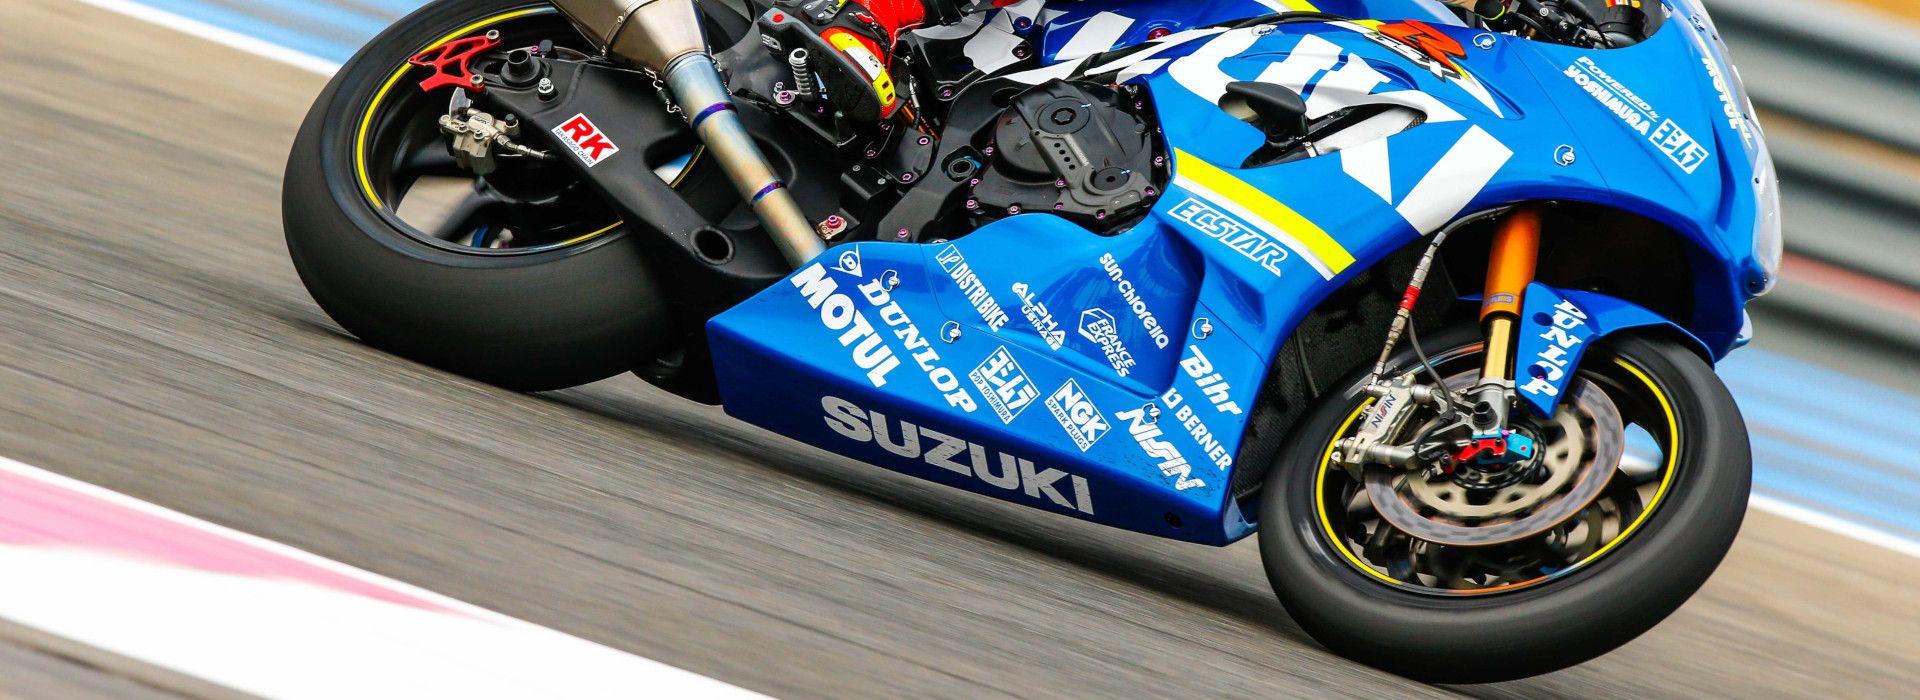 Racing-/Wettbewerbsreifen